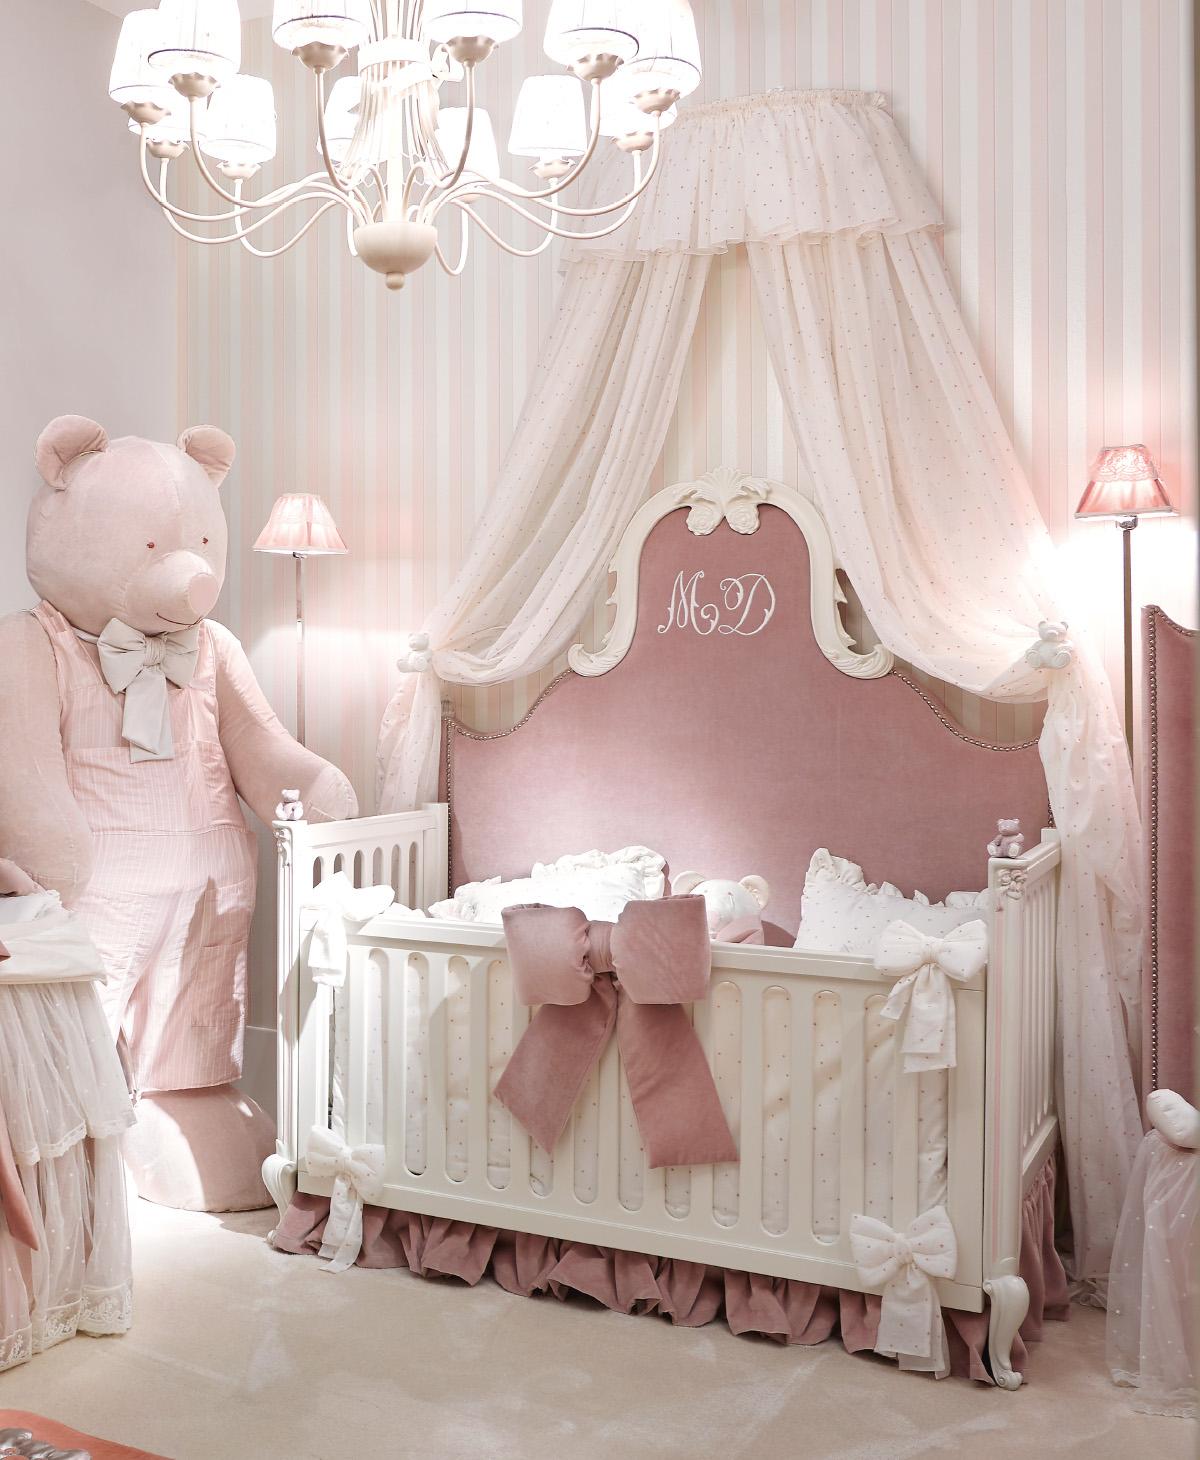 Collezione I sogni di Matilde culle di lusso per arredamento ...